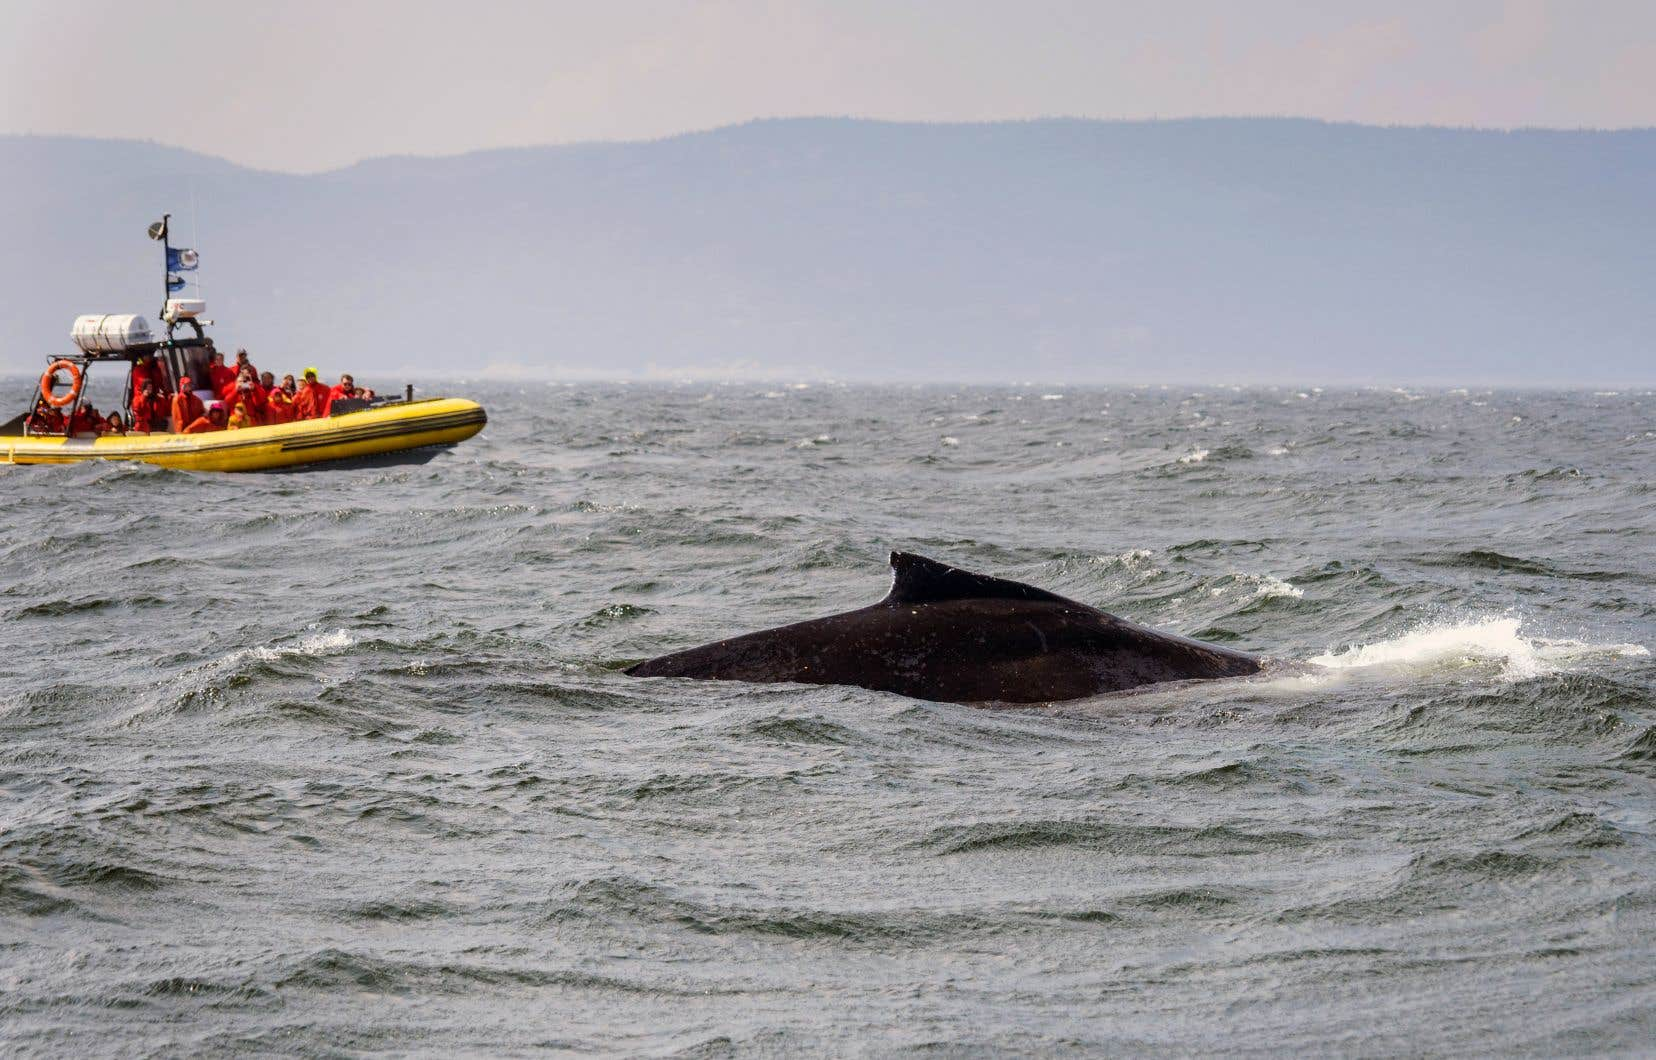 Bien que les bateaux puissent naviguer à 25 nœuds dans le parc marin, les opérateurs devraient réduire leur vitesse à 10 nœuds dans les eaux où se trouvent des baleines, fait valoir le BST.